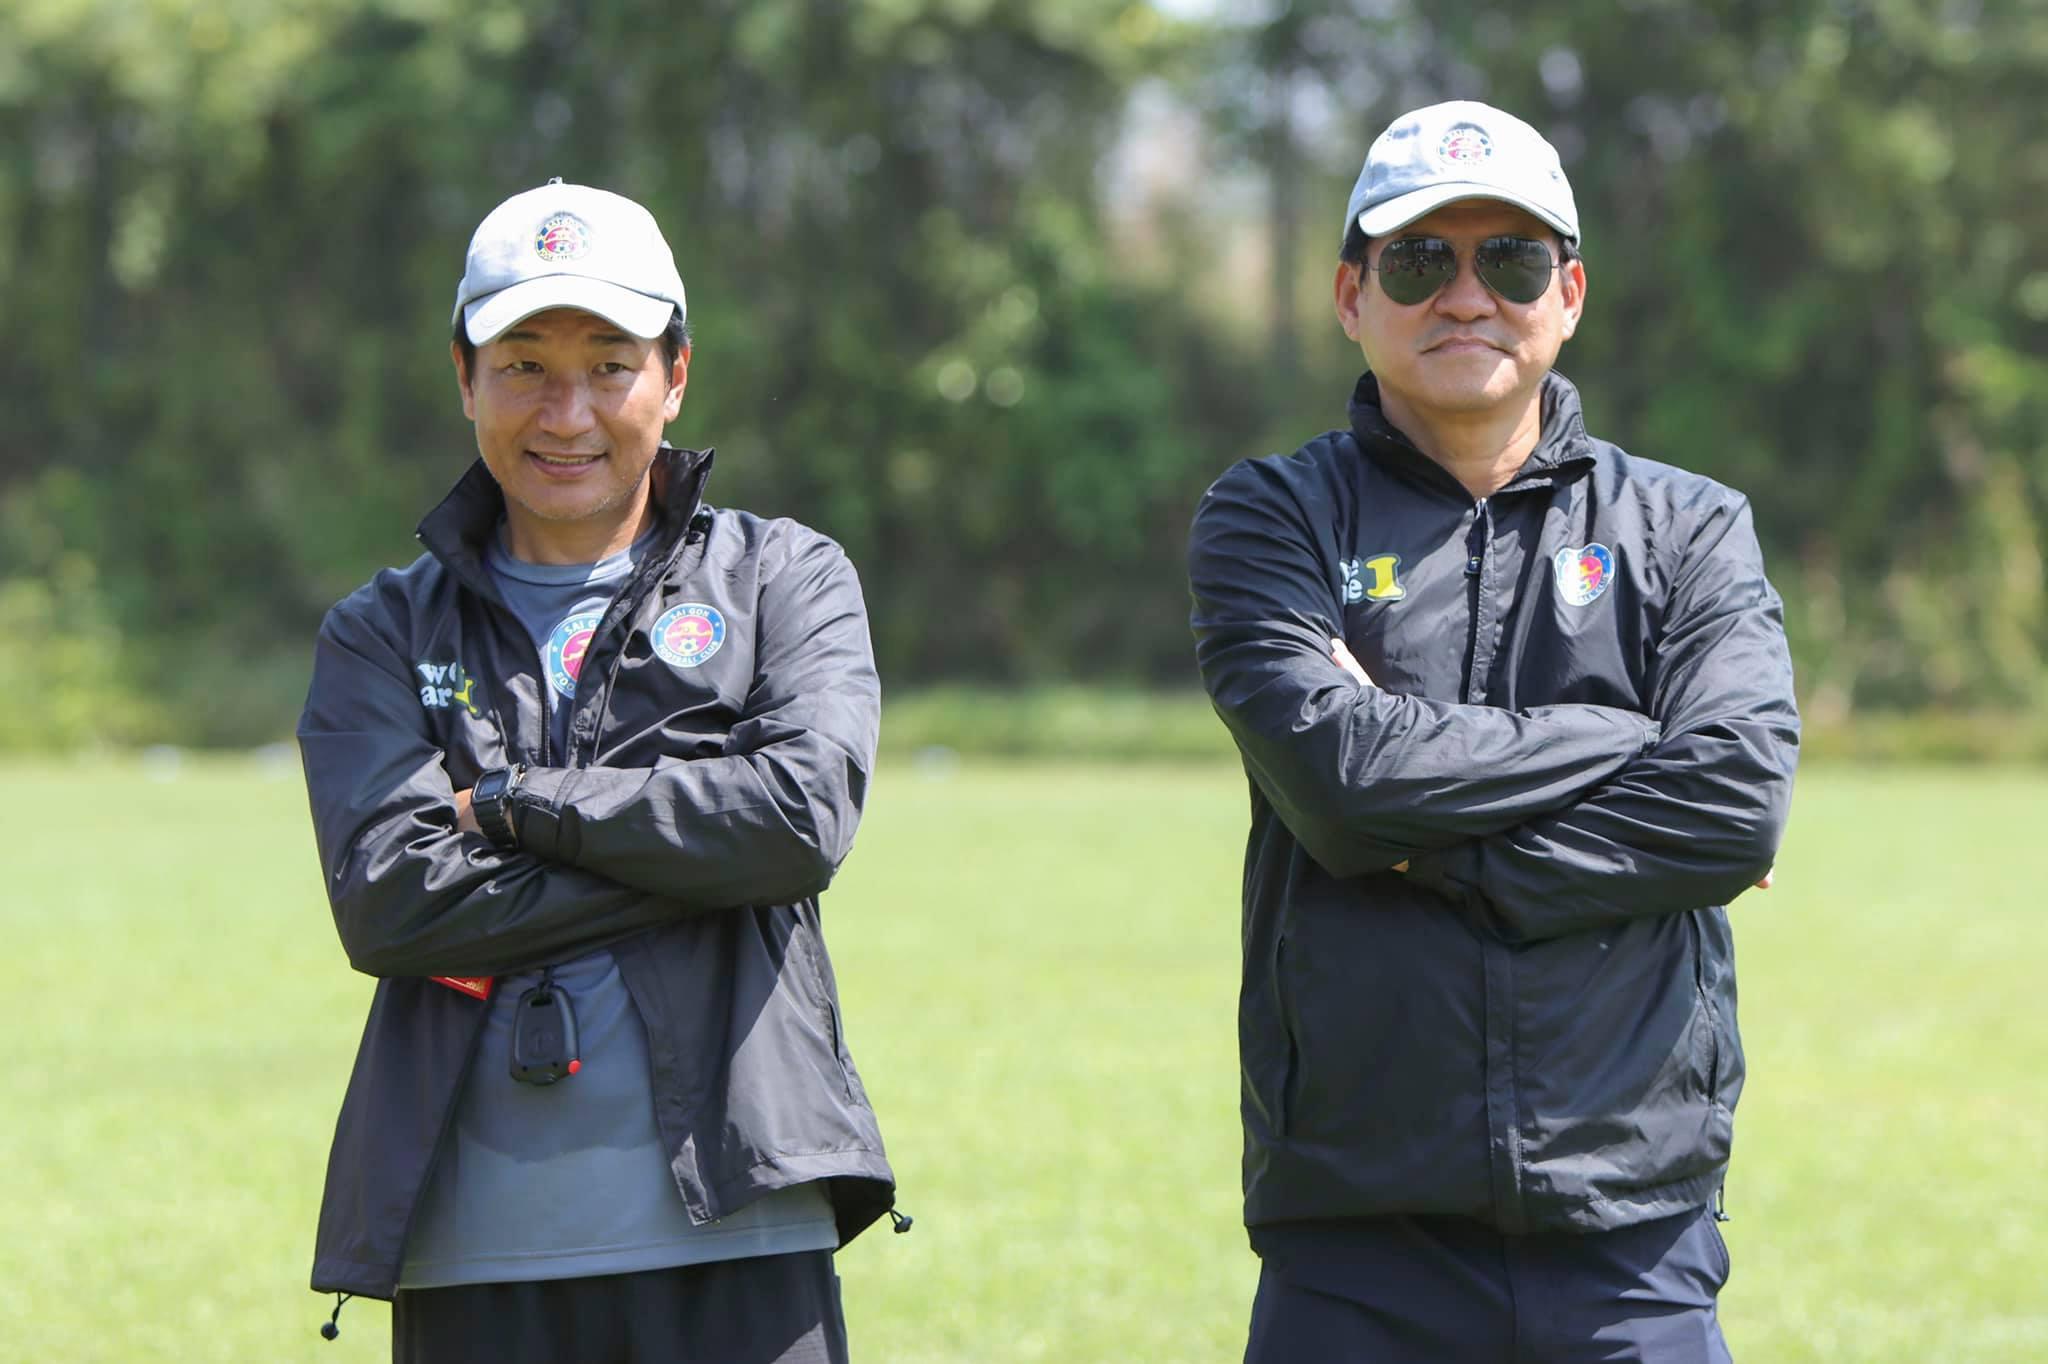 Chuyên gia Masahiro Shimoda (trái) tạm thời thay thế HLV Vũ Tiến Thành chỉ đạo Sài Gòn FC tập luyện. Ảnh: Thanh Anh.